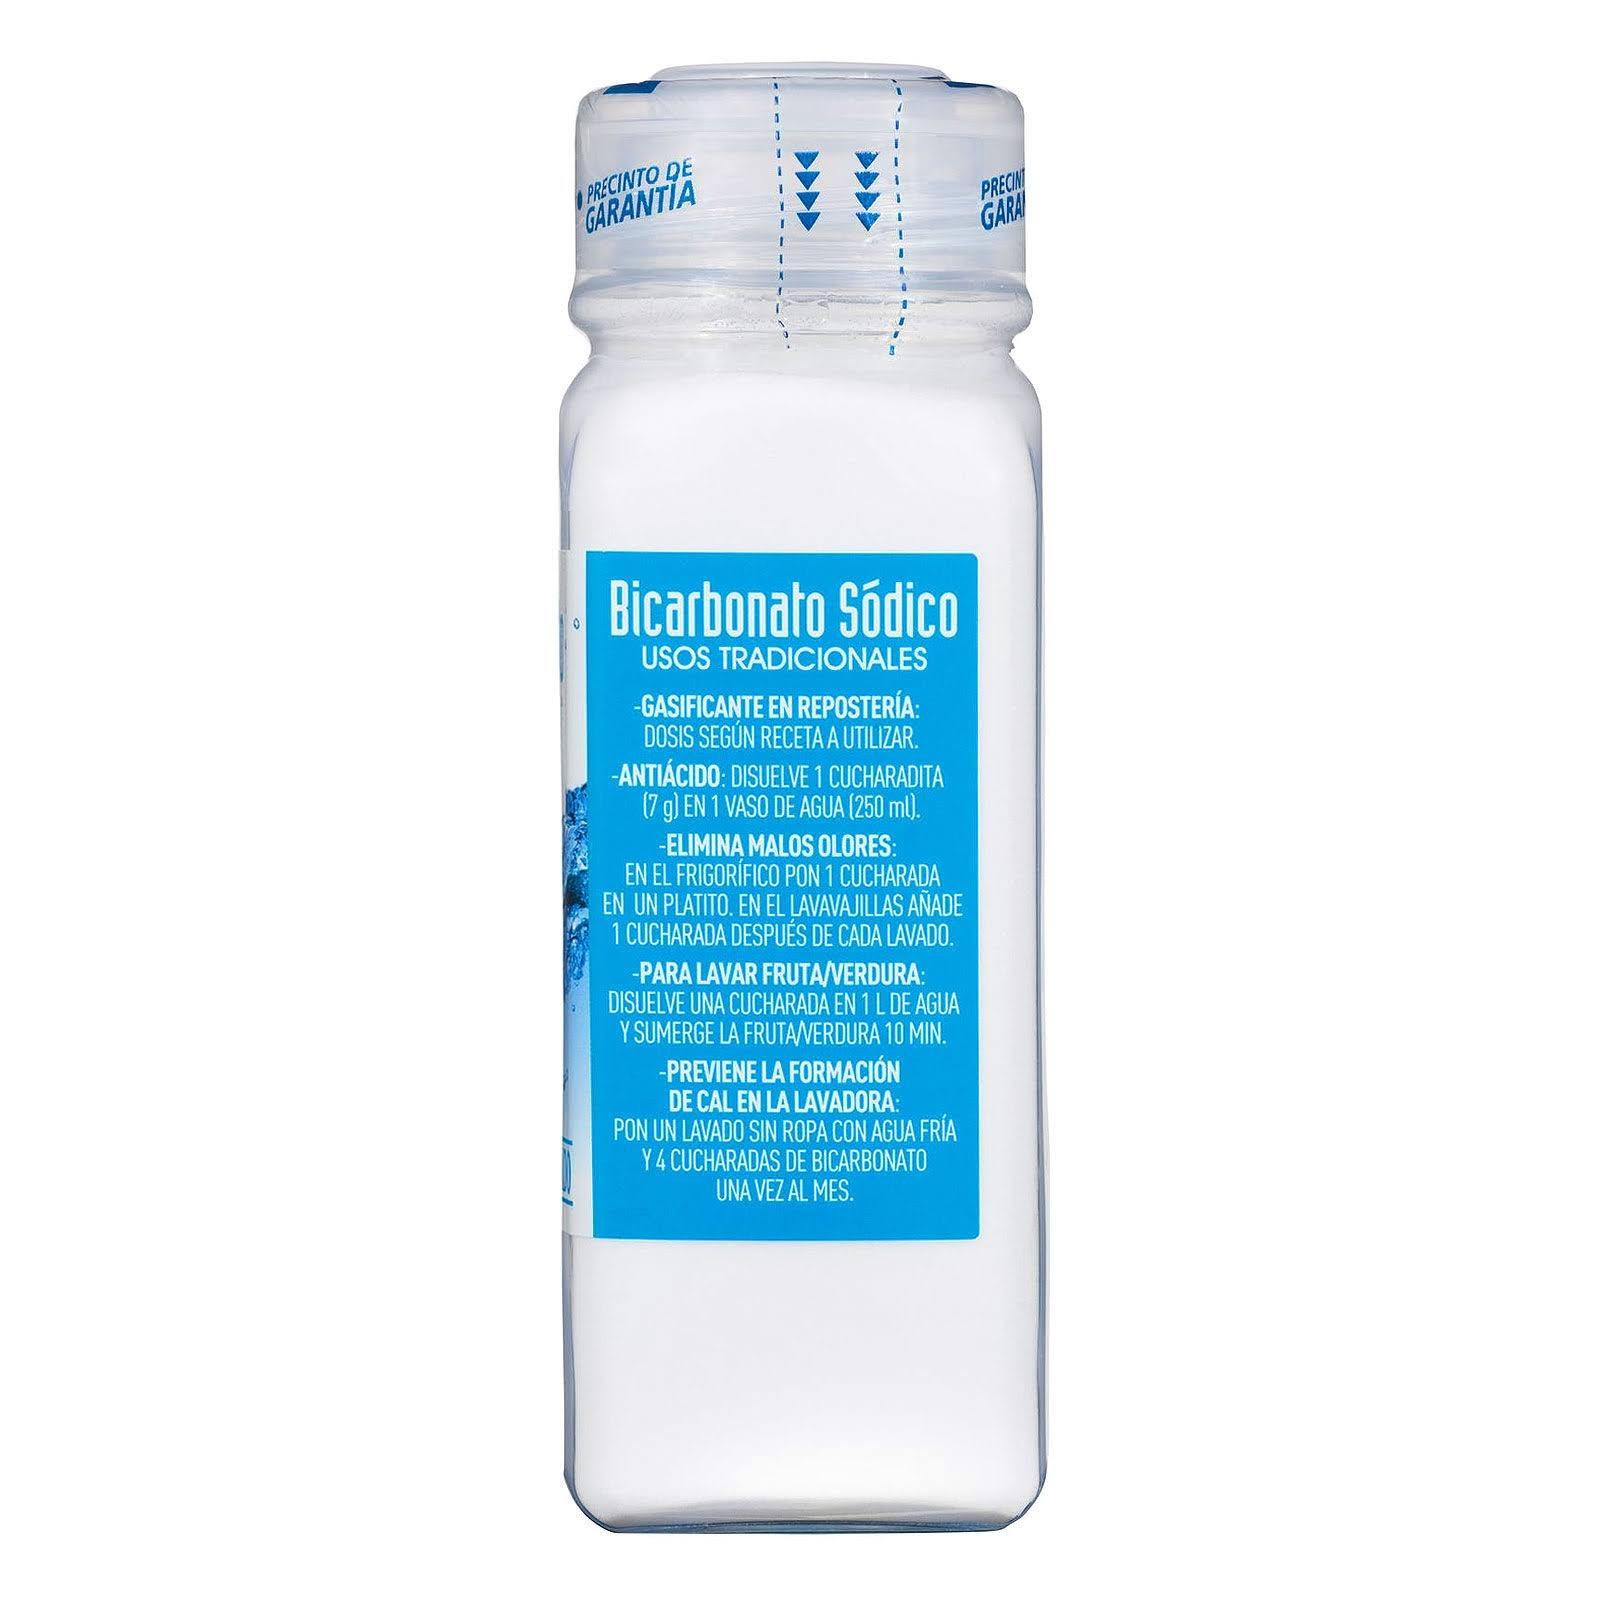 Bicarbonato sódico Hacendado